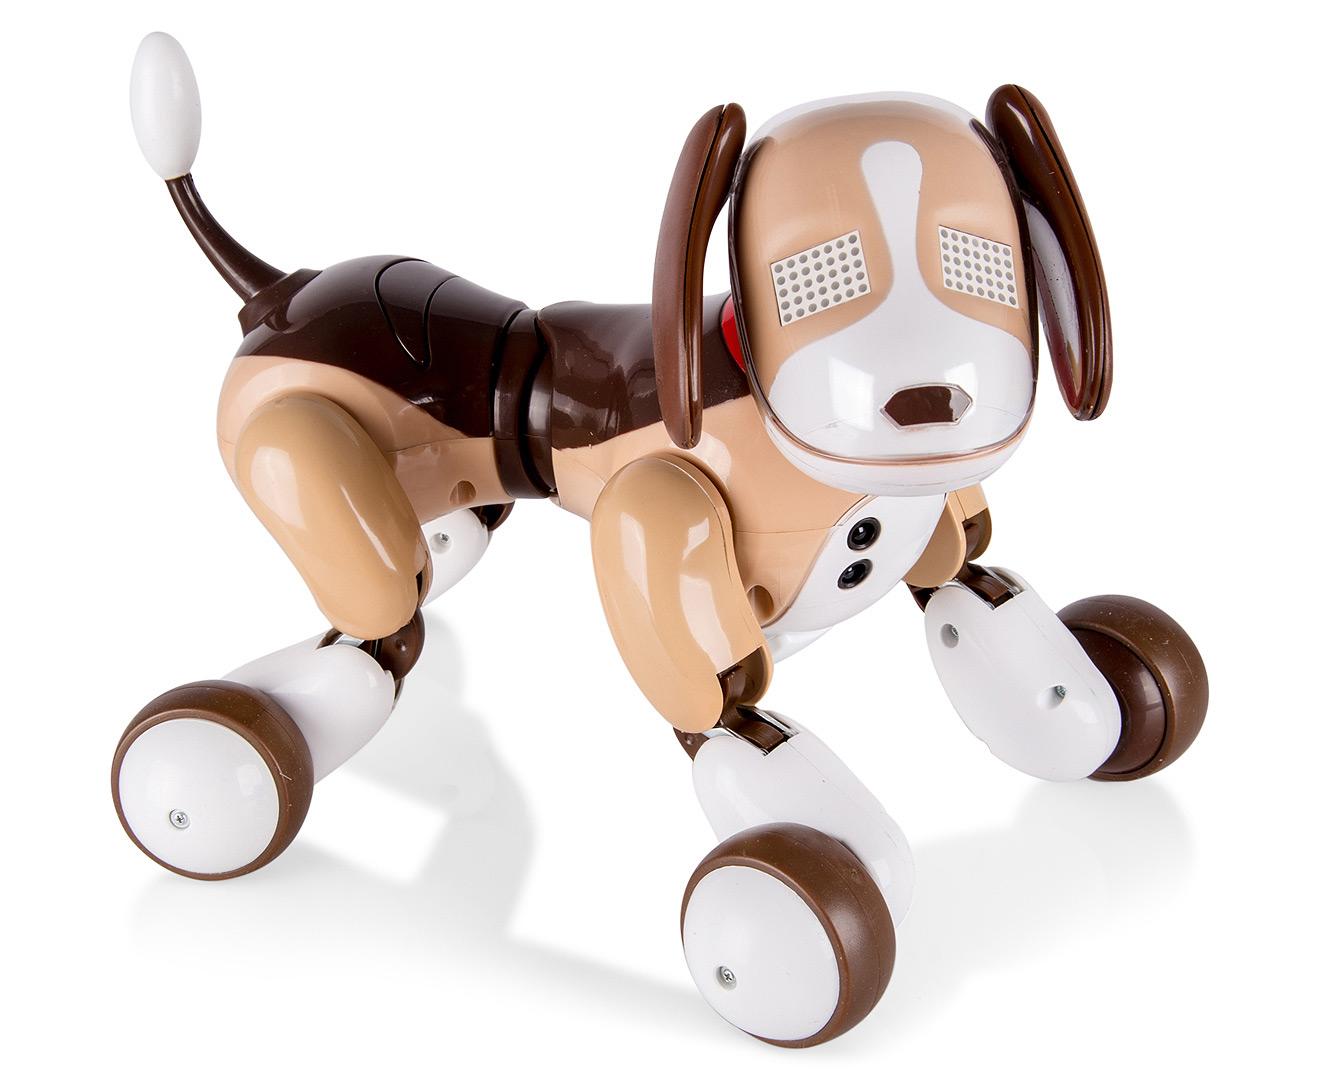 Zoomer robot dog bentley